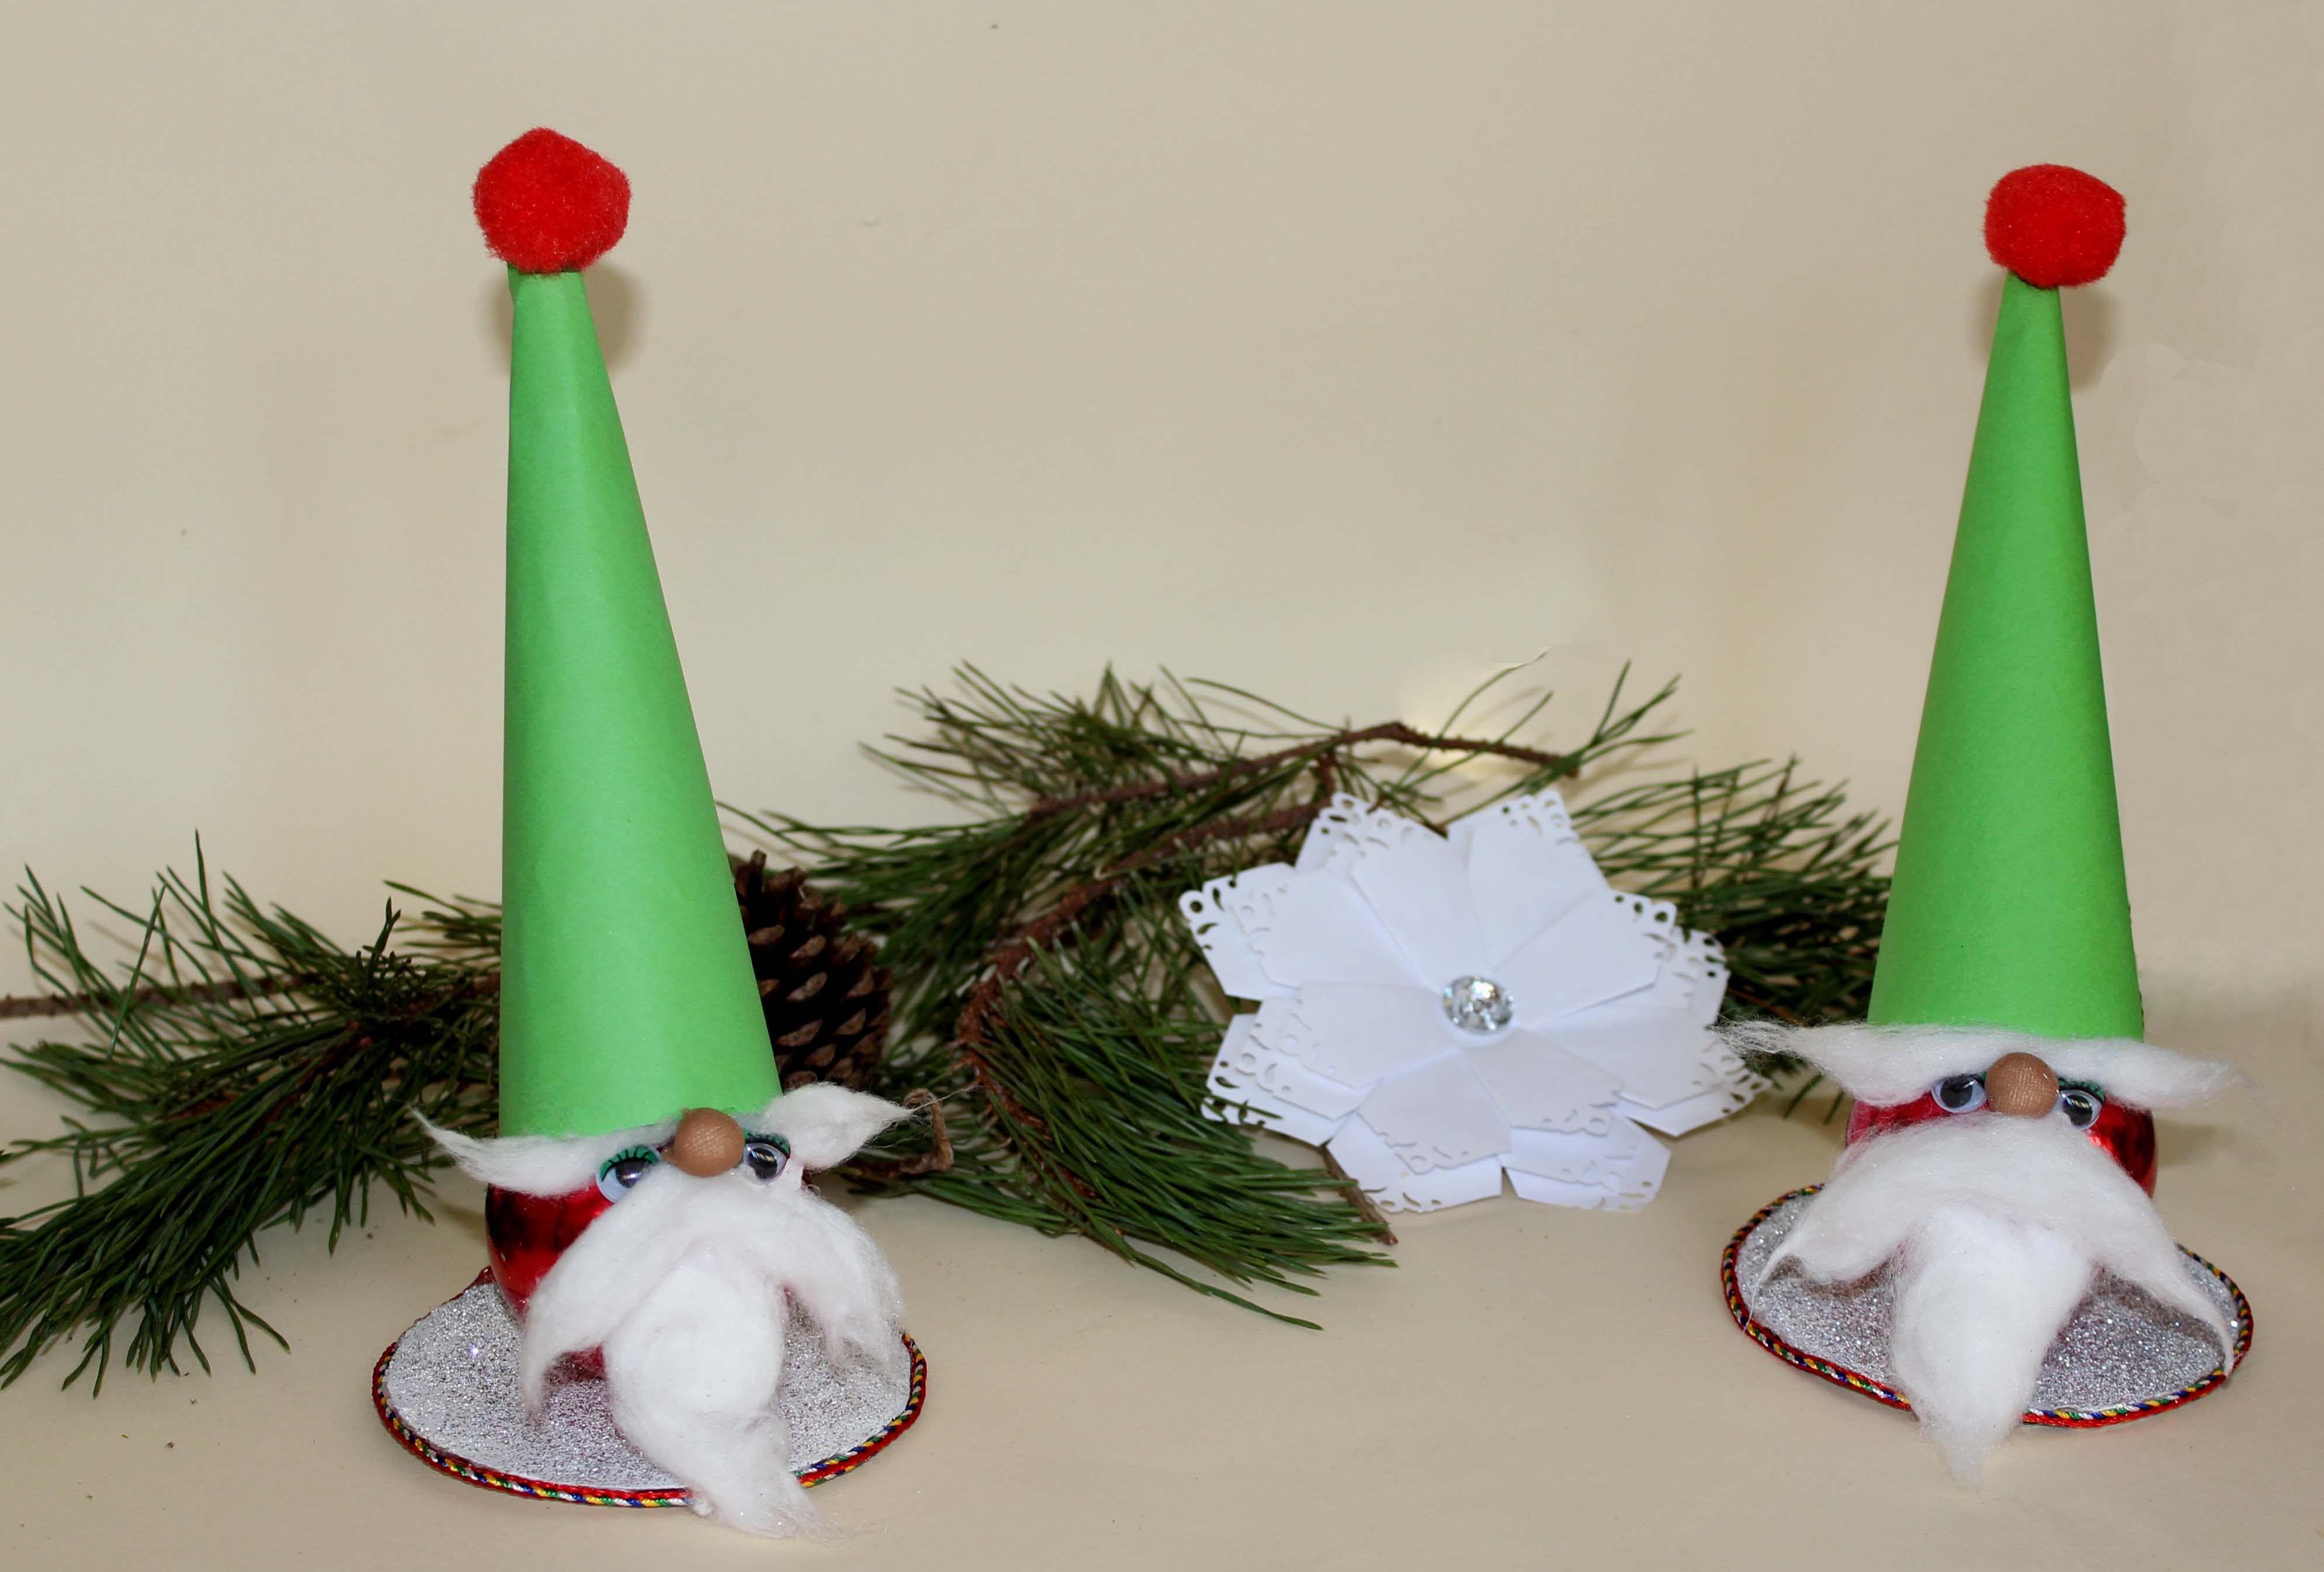 Lujoso Navidad Invitar A Plantillas Gratis Imagen - Ejemplo De ...